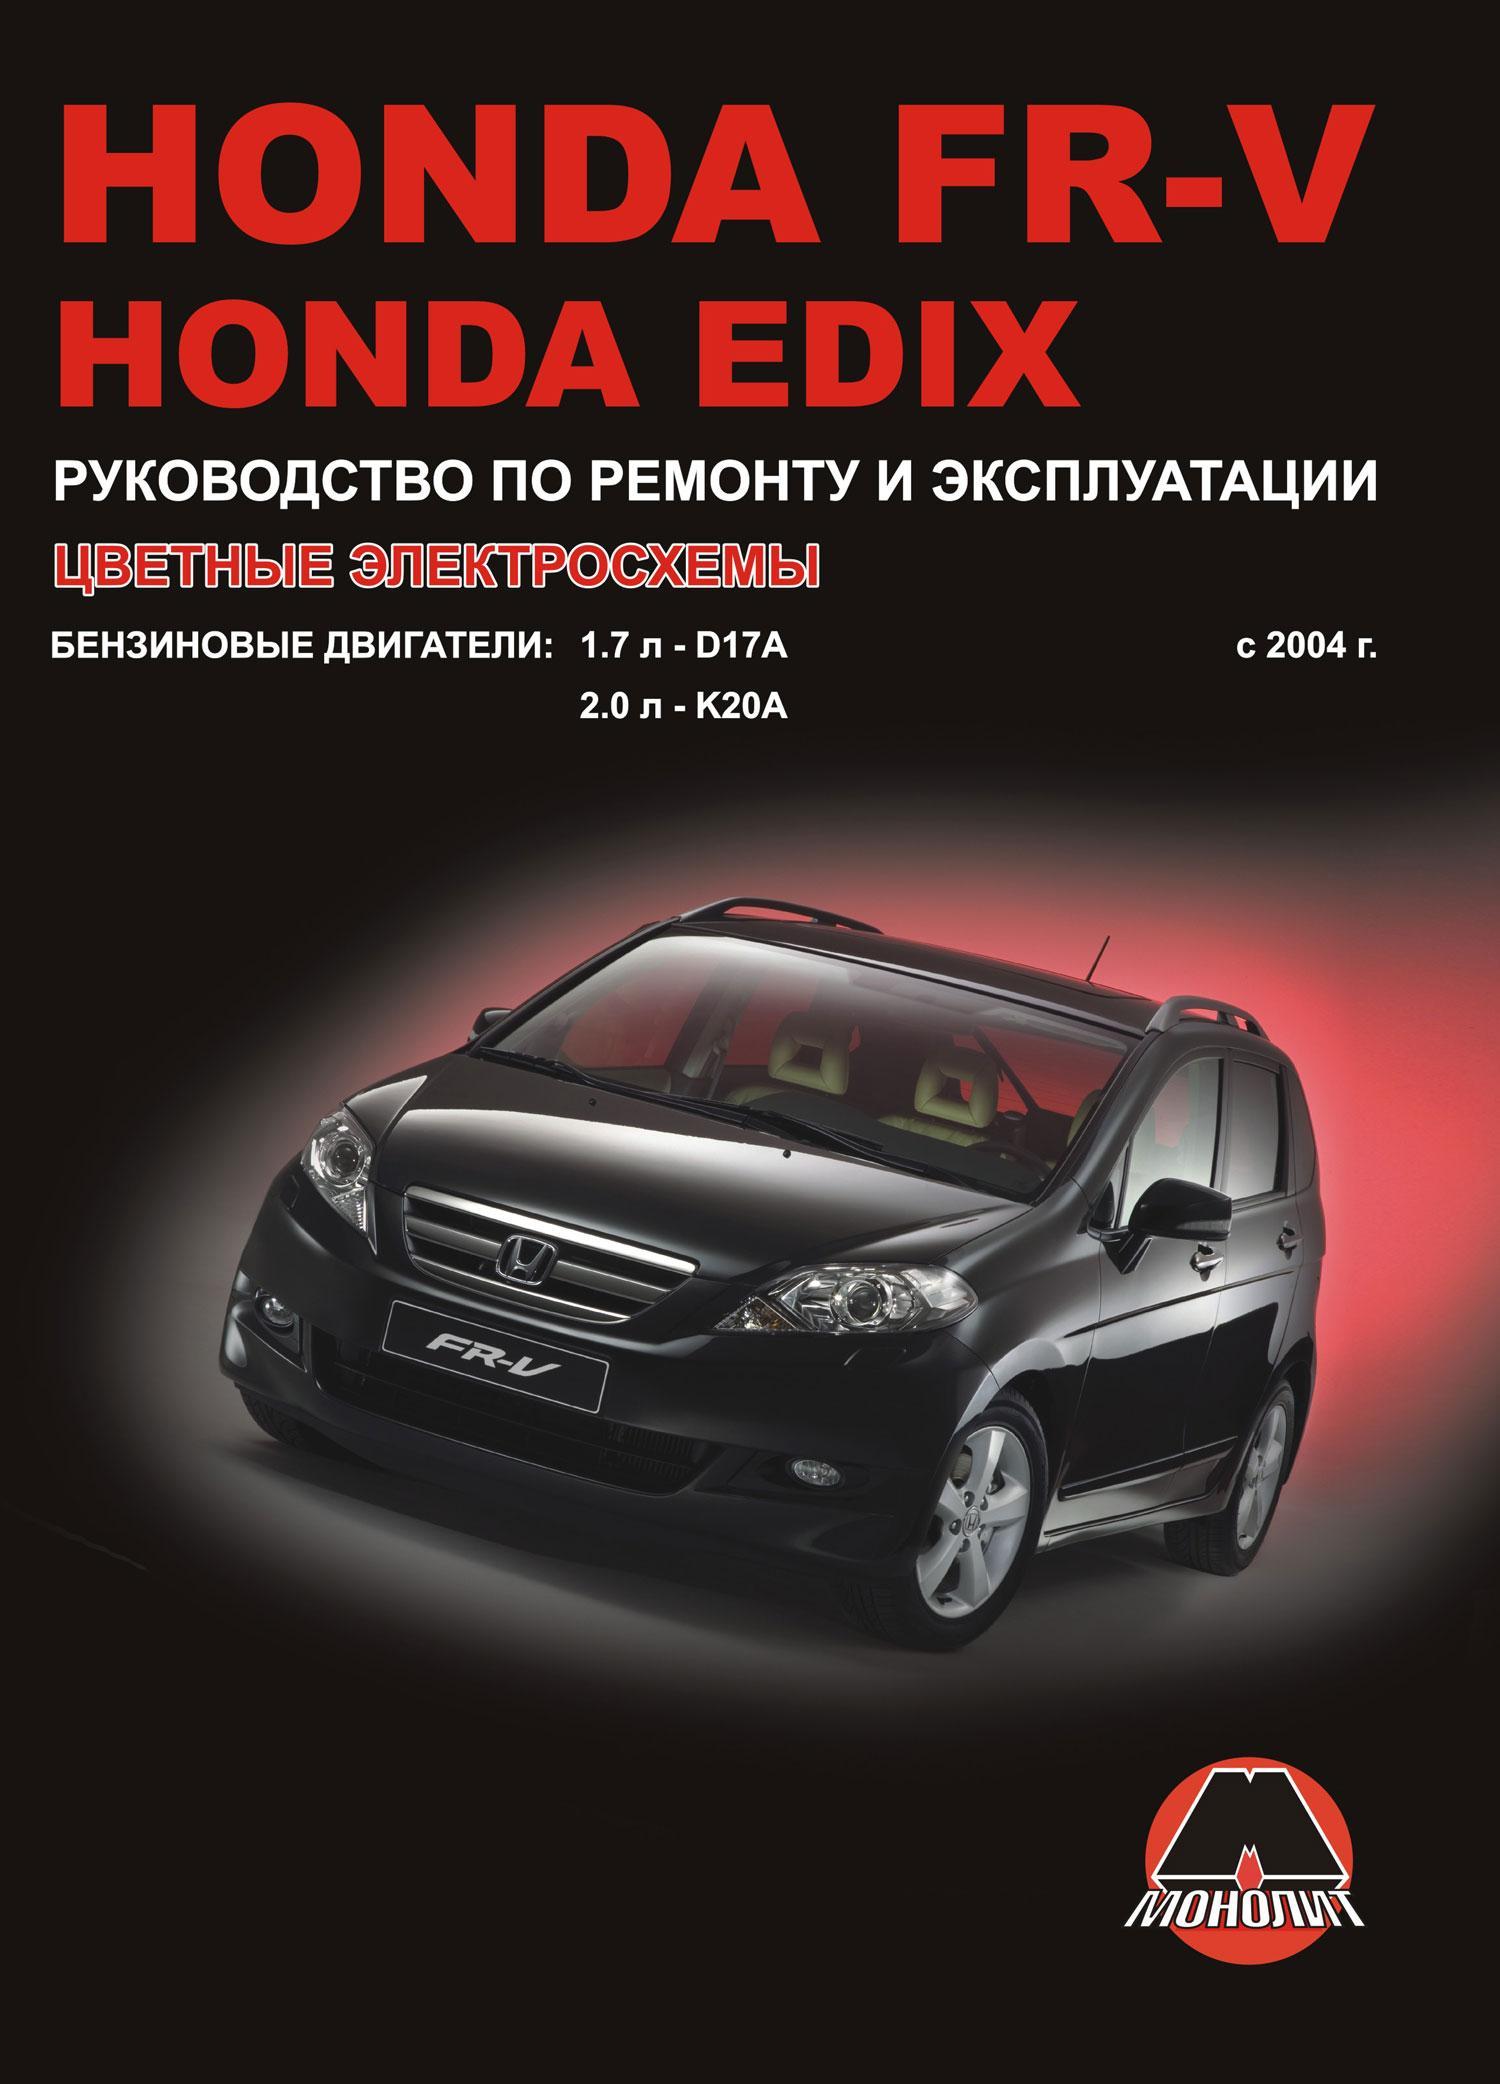 схема honda edix 2004г